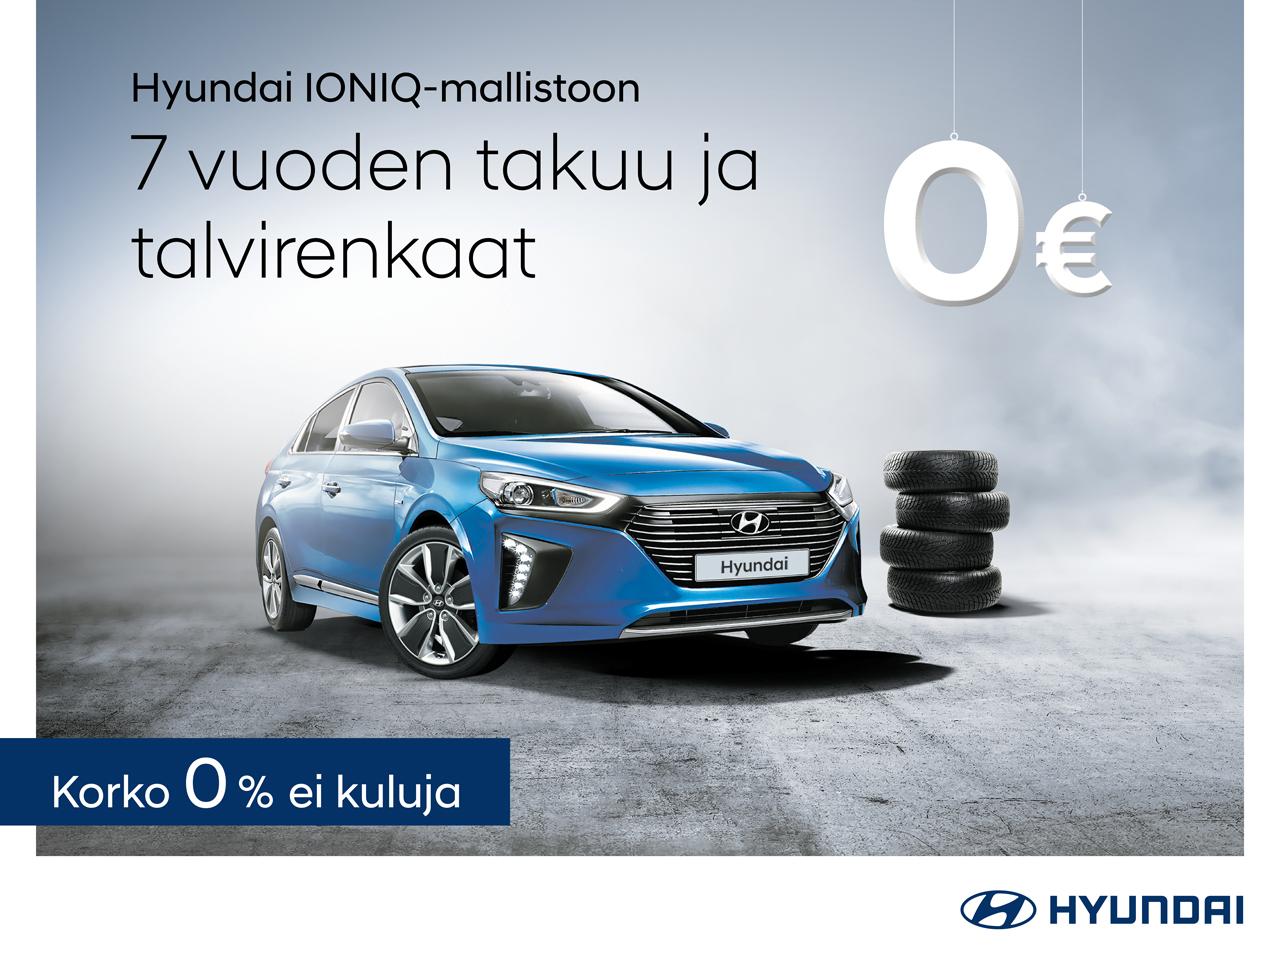 Talvirenkaat veloituksetta Hyundai IONIQ:iin sekä 0 % rahoituskorko